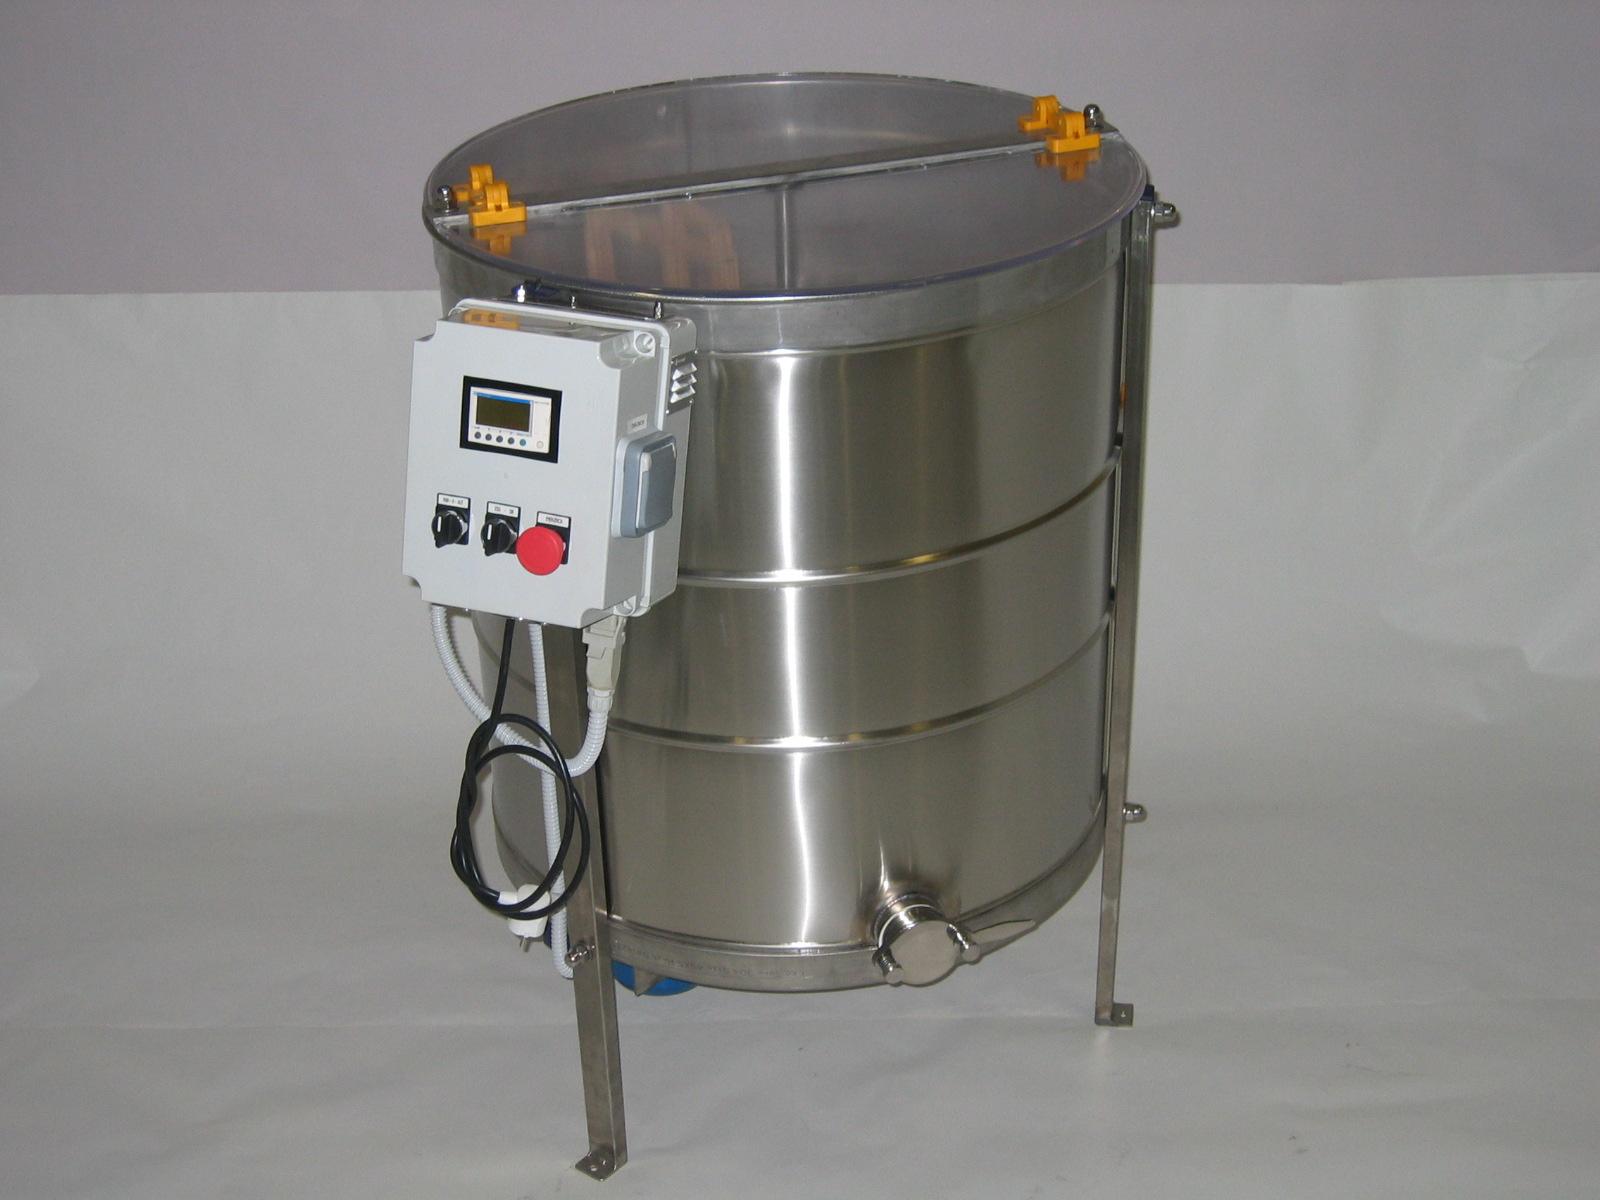 Extractor Inox Eléctrico Radial 20 quadros c/ Temporizador Digital tipo Industrial